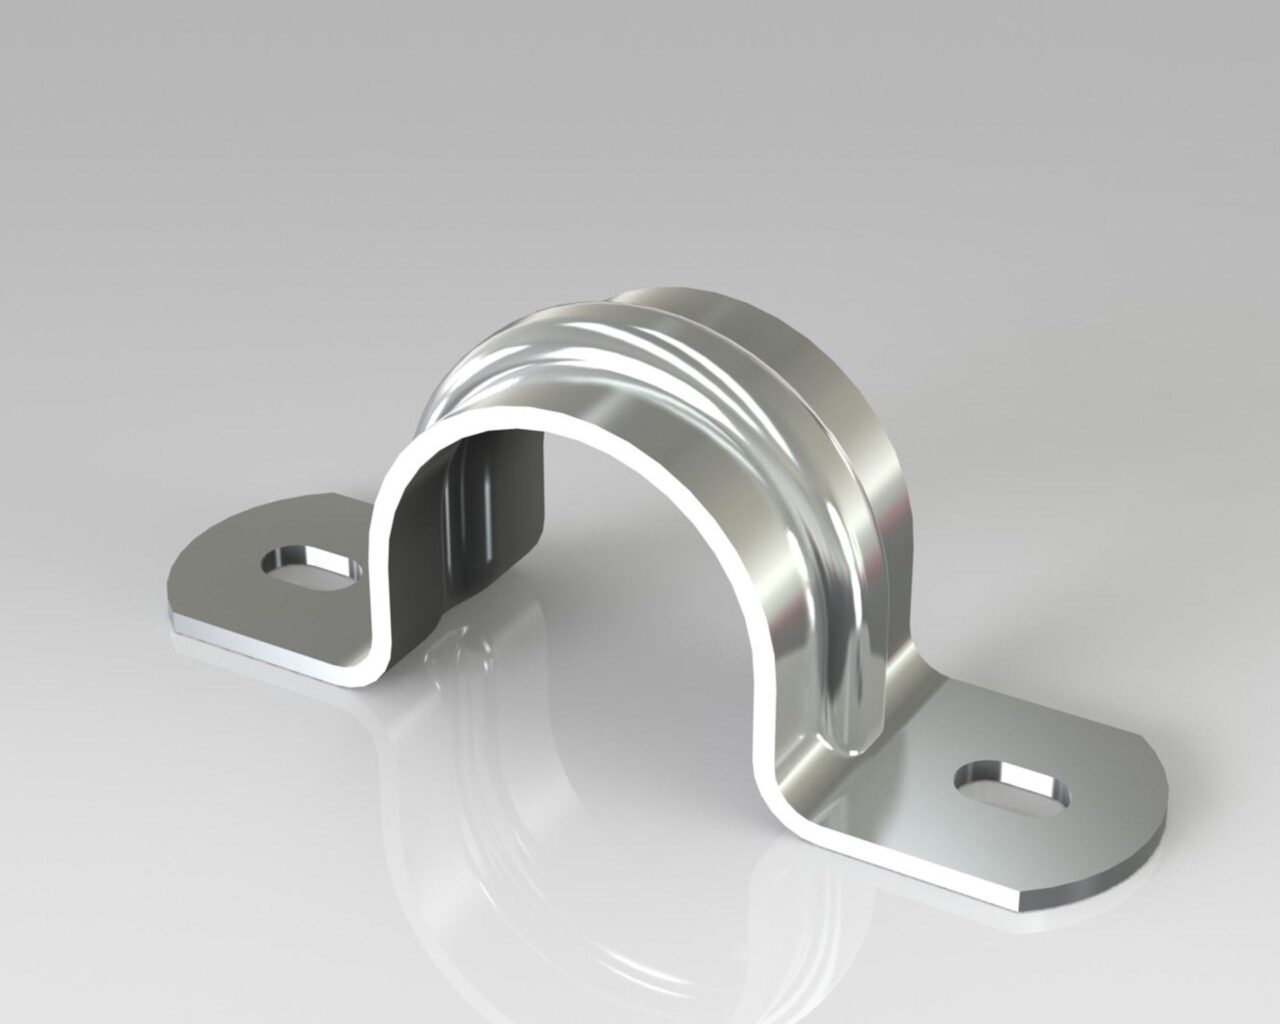 PEK3 Easytube Metal Accessories PC-C